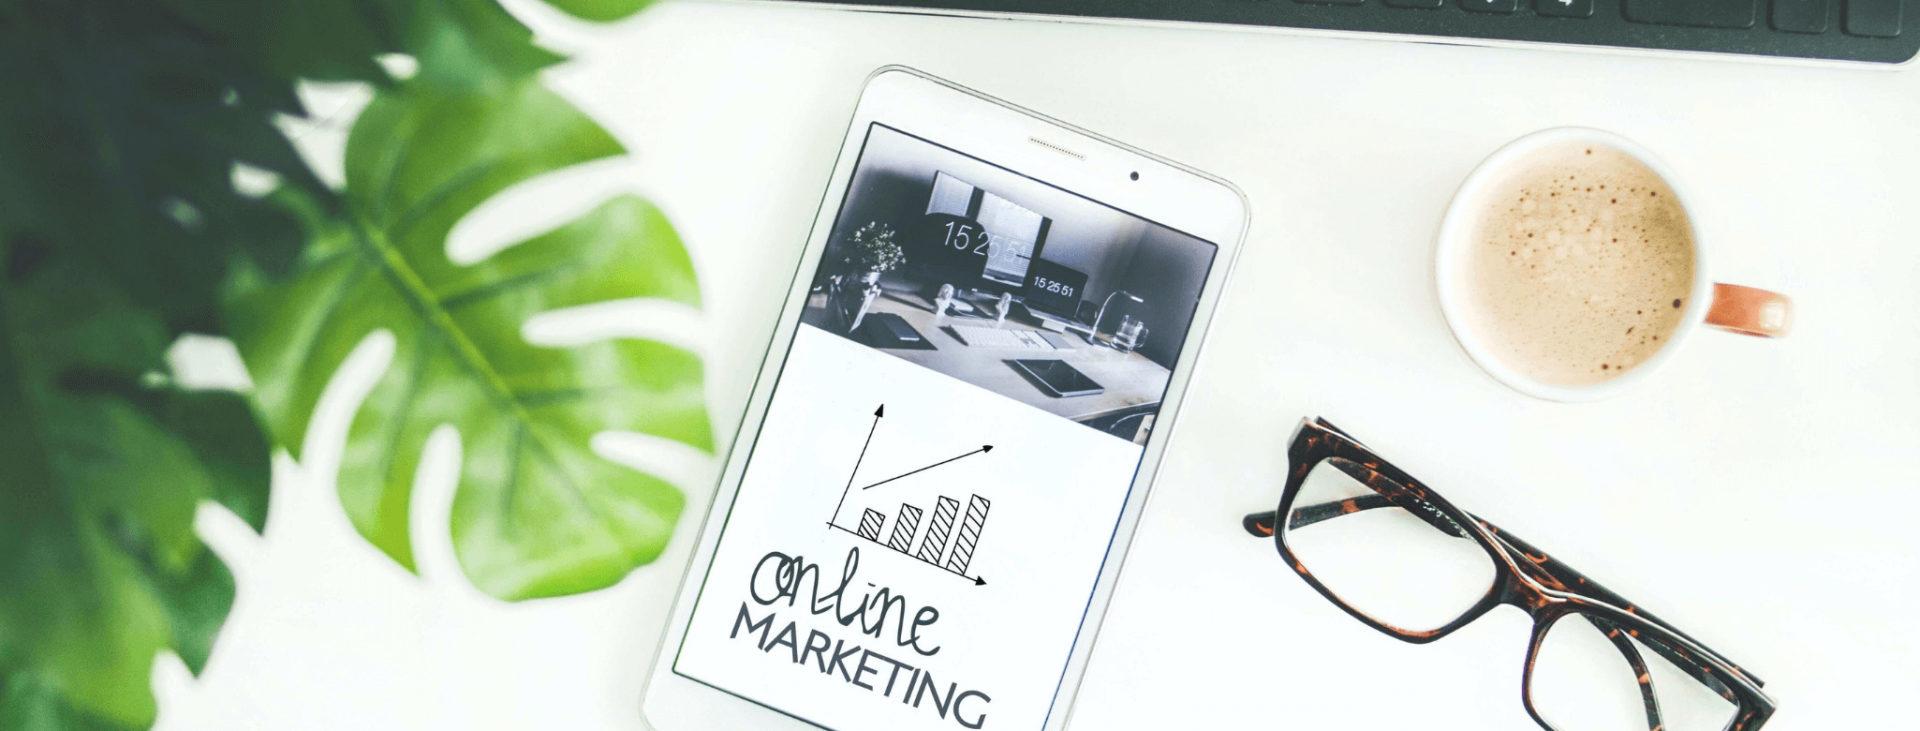 """Handy mit Text auf Display """"Online Marketing"""", Tastatur und Brille"""